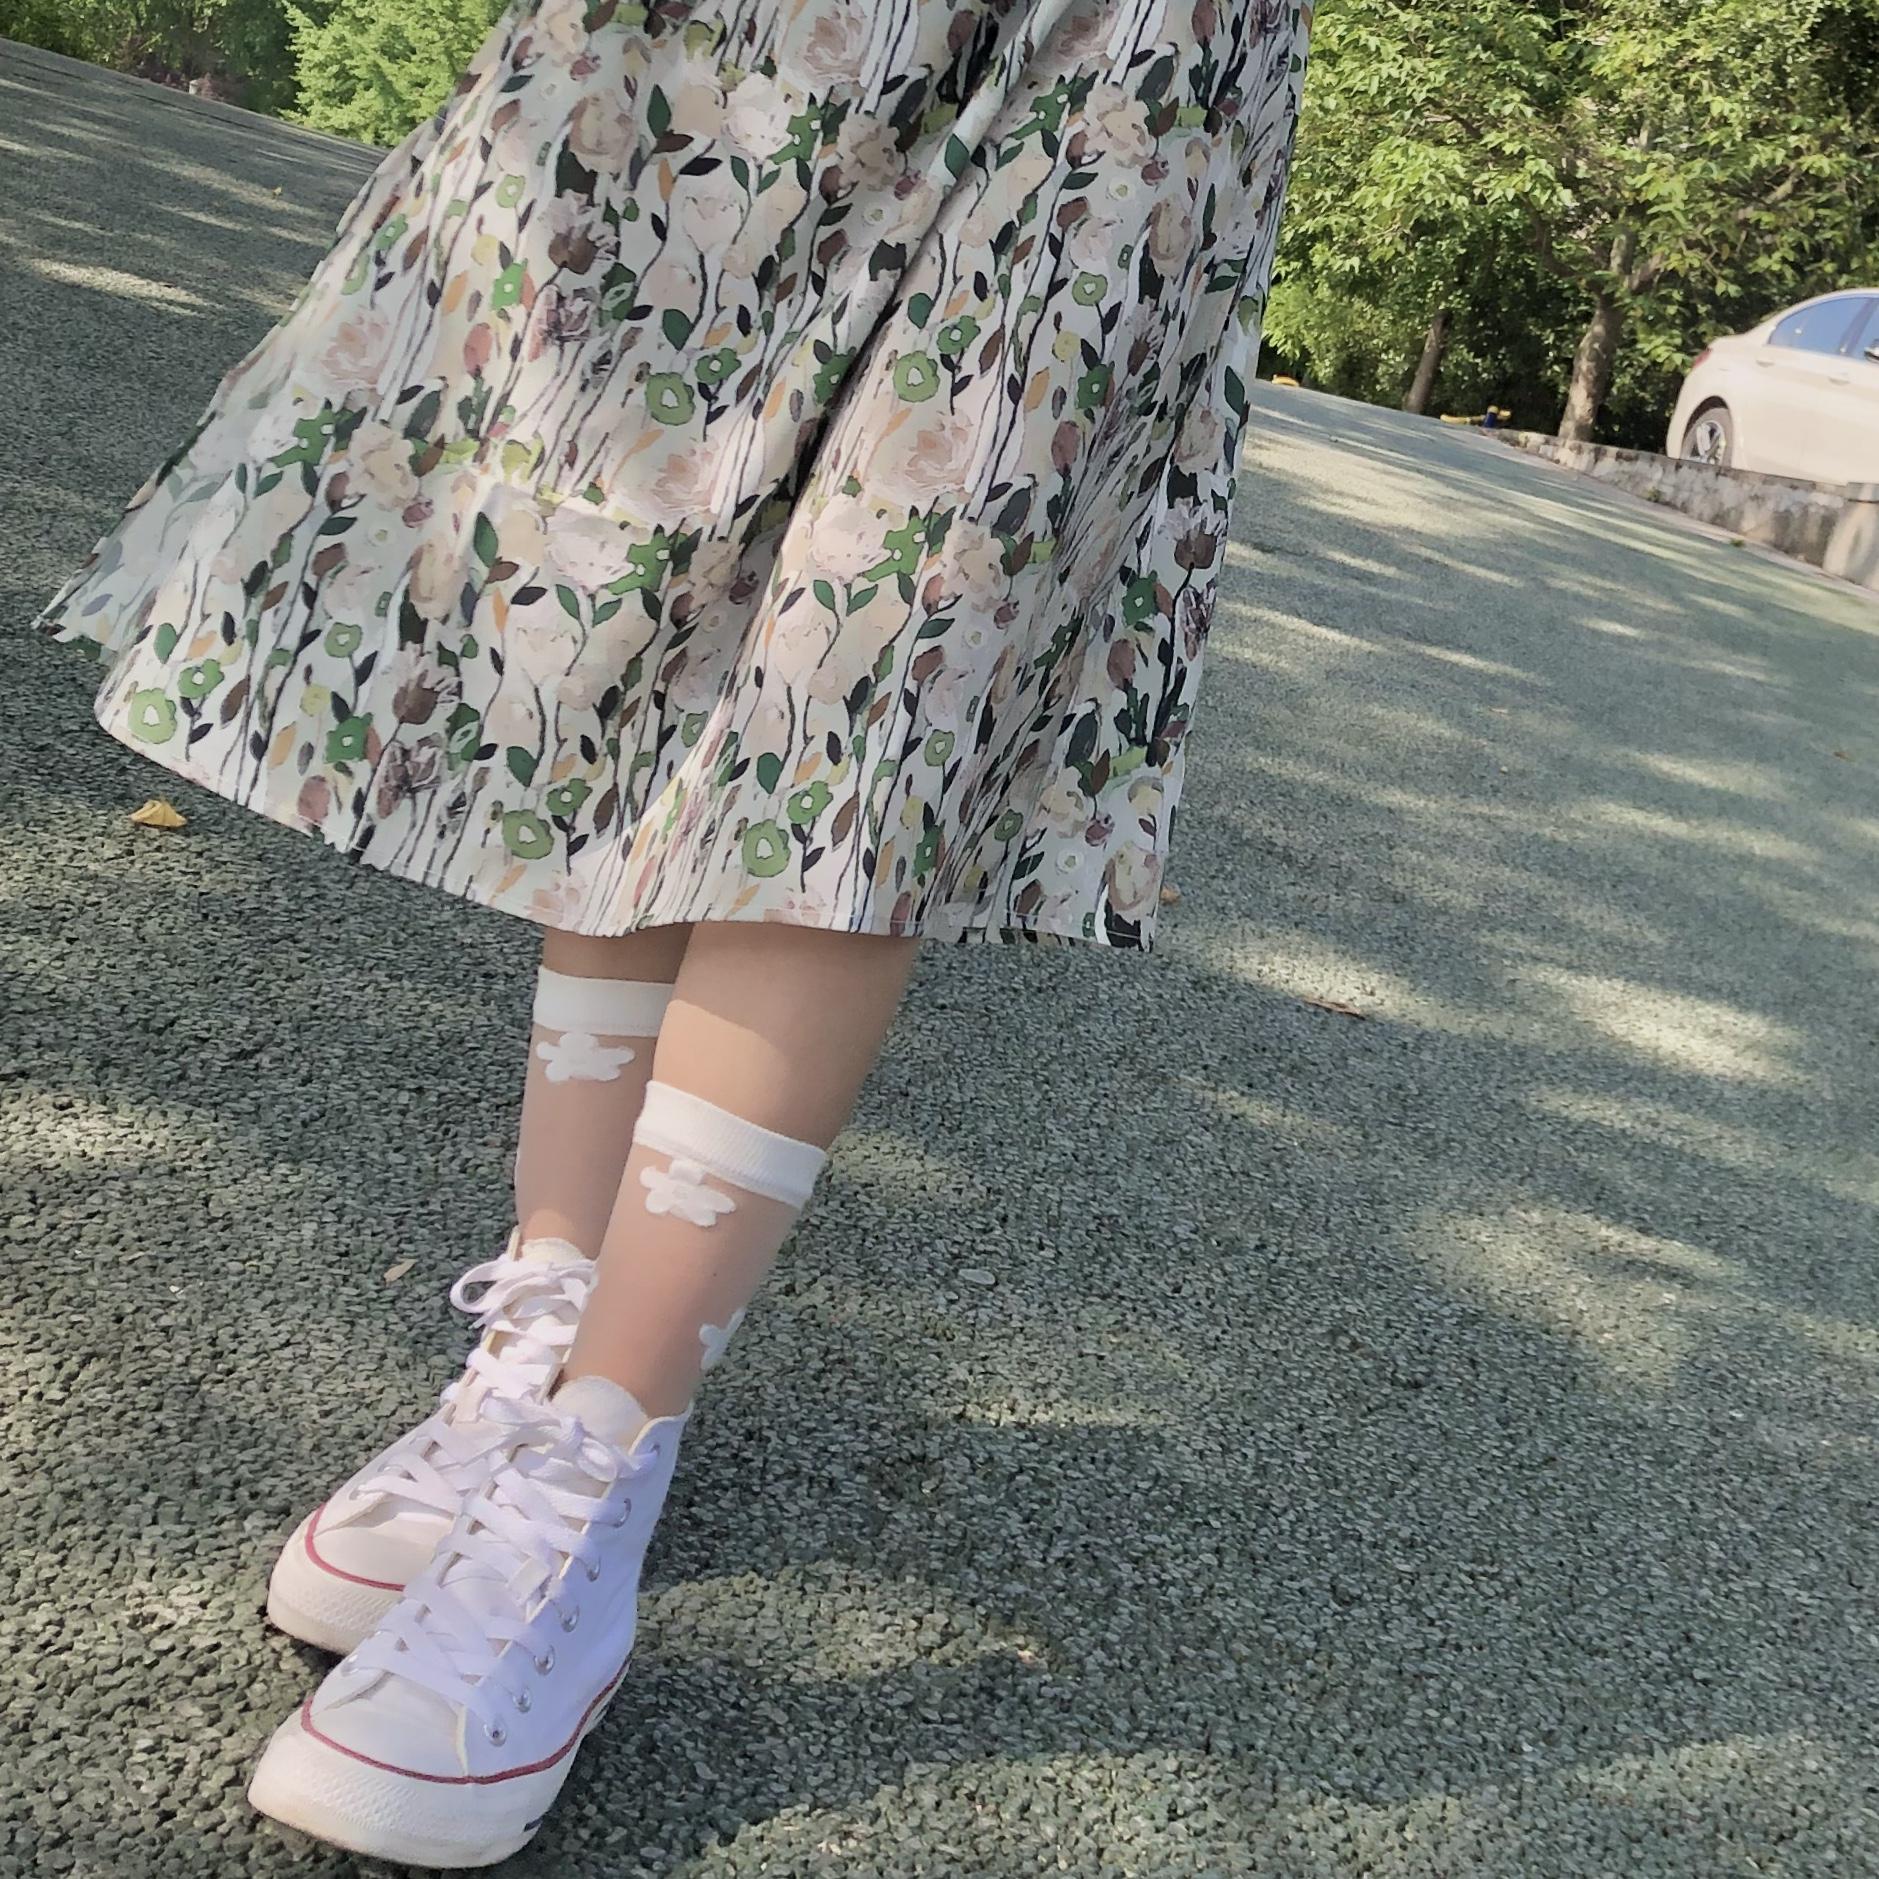 制服丝袜 VAPEDUCK玻璃丝袜子女jk制服软妹短丝袜透明花卡丝袜薄款中筒袜女_推荐淘宝好看的制服丝袜